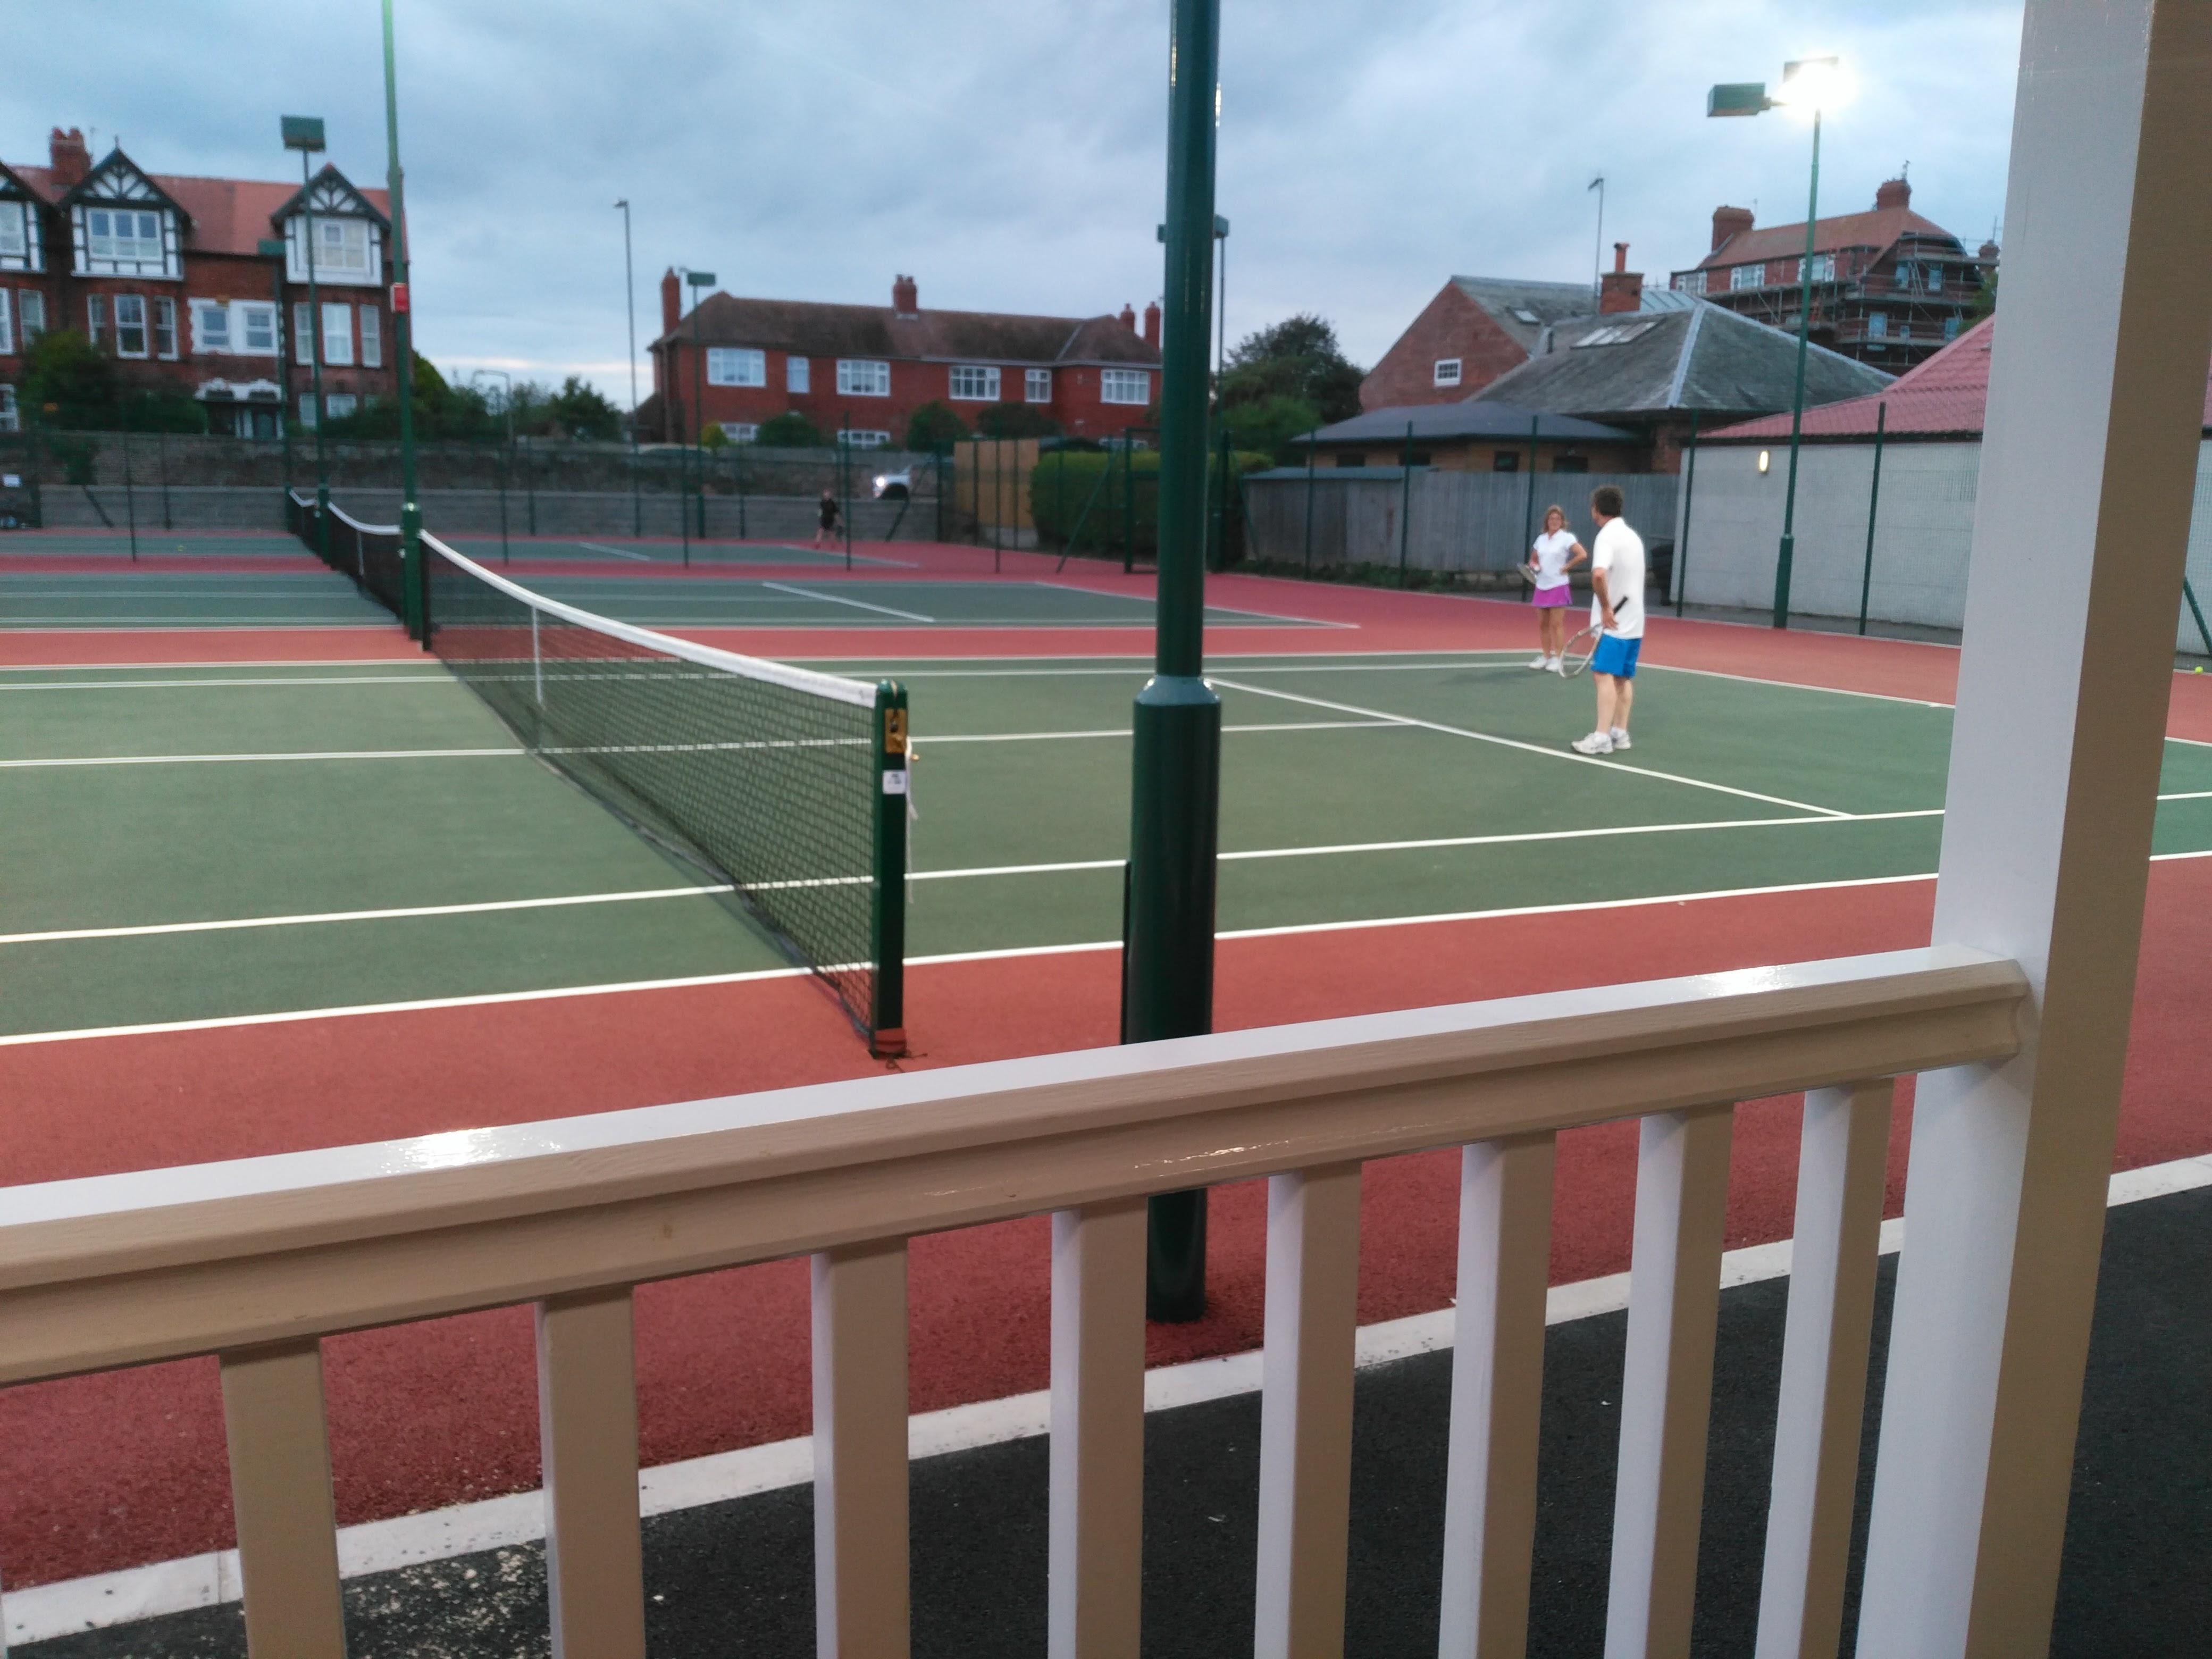 Filey Tennis Club